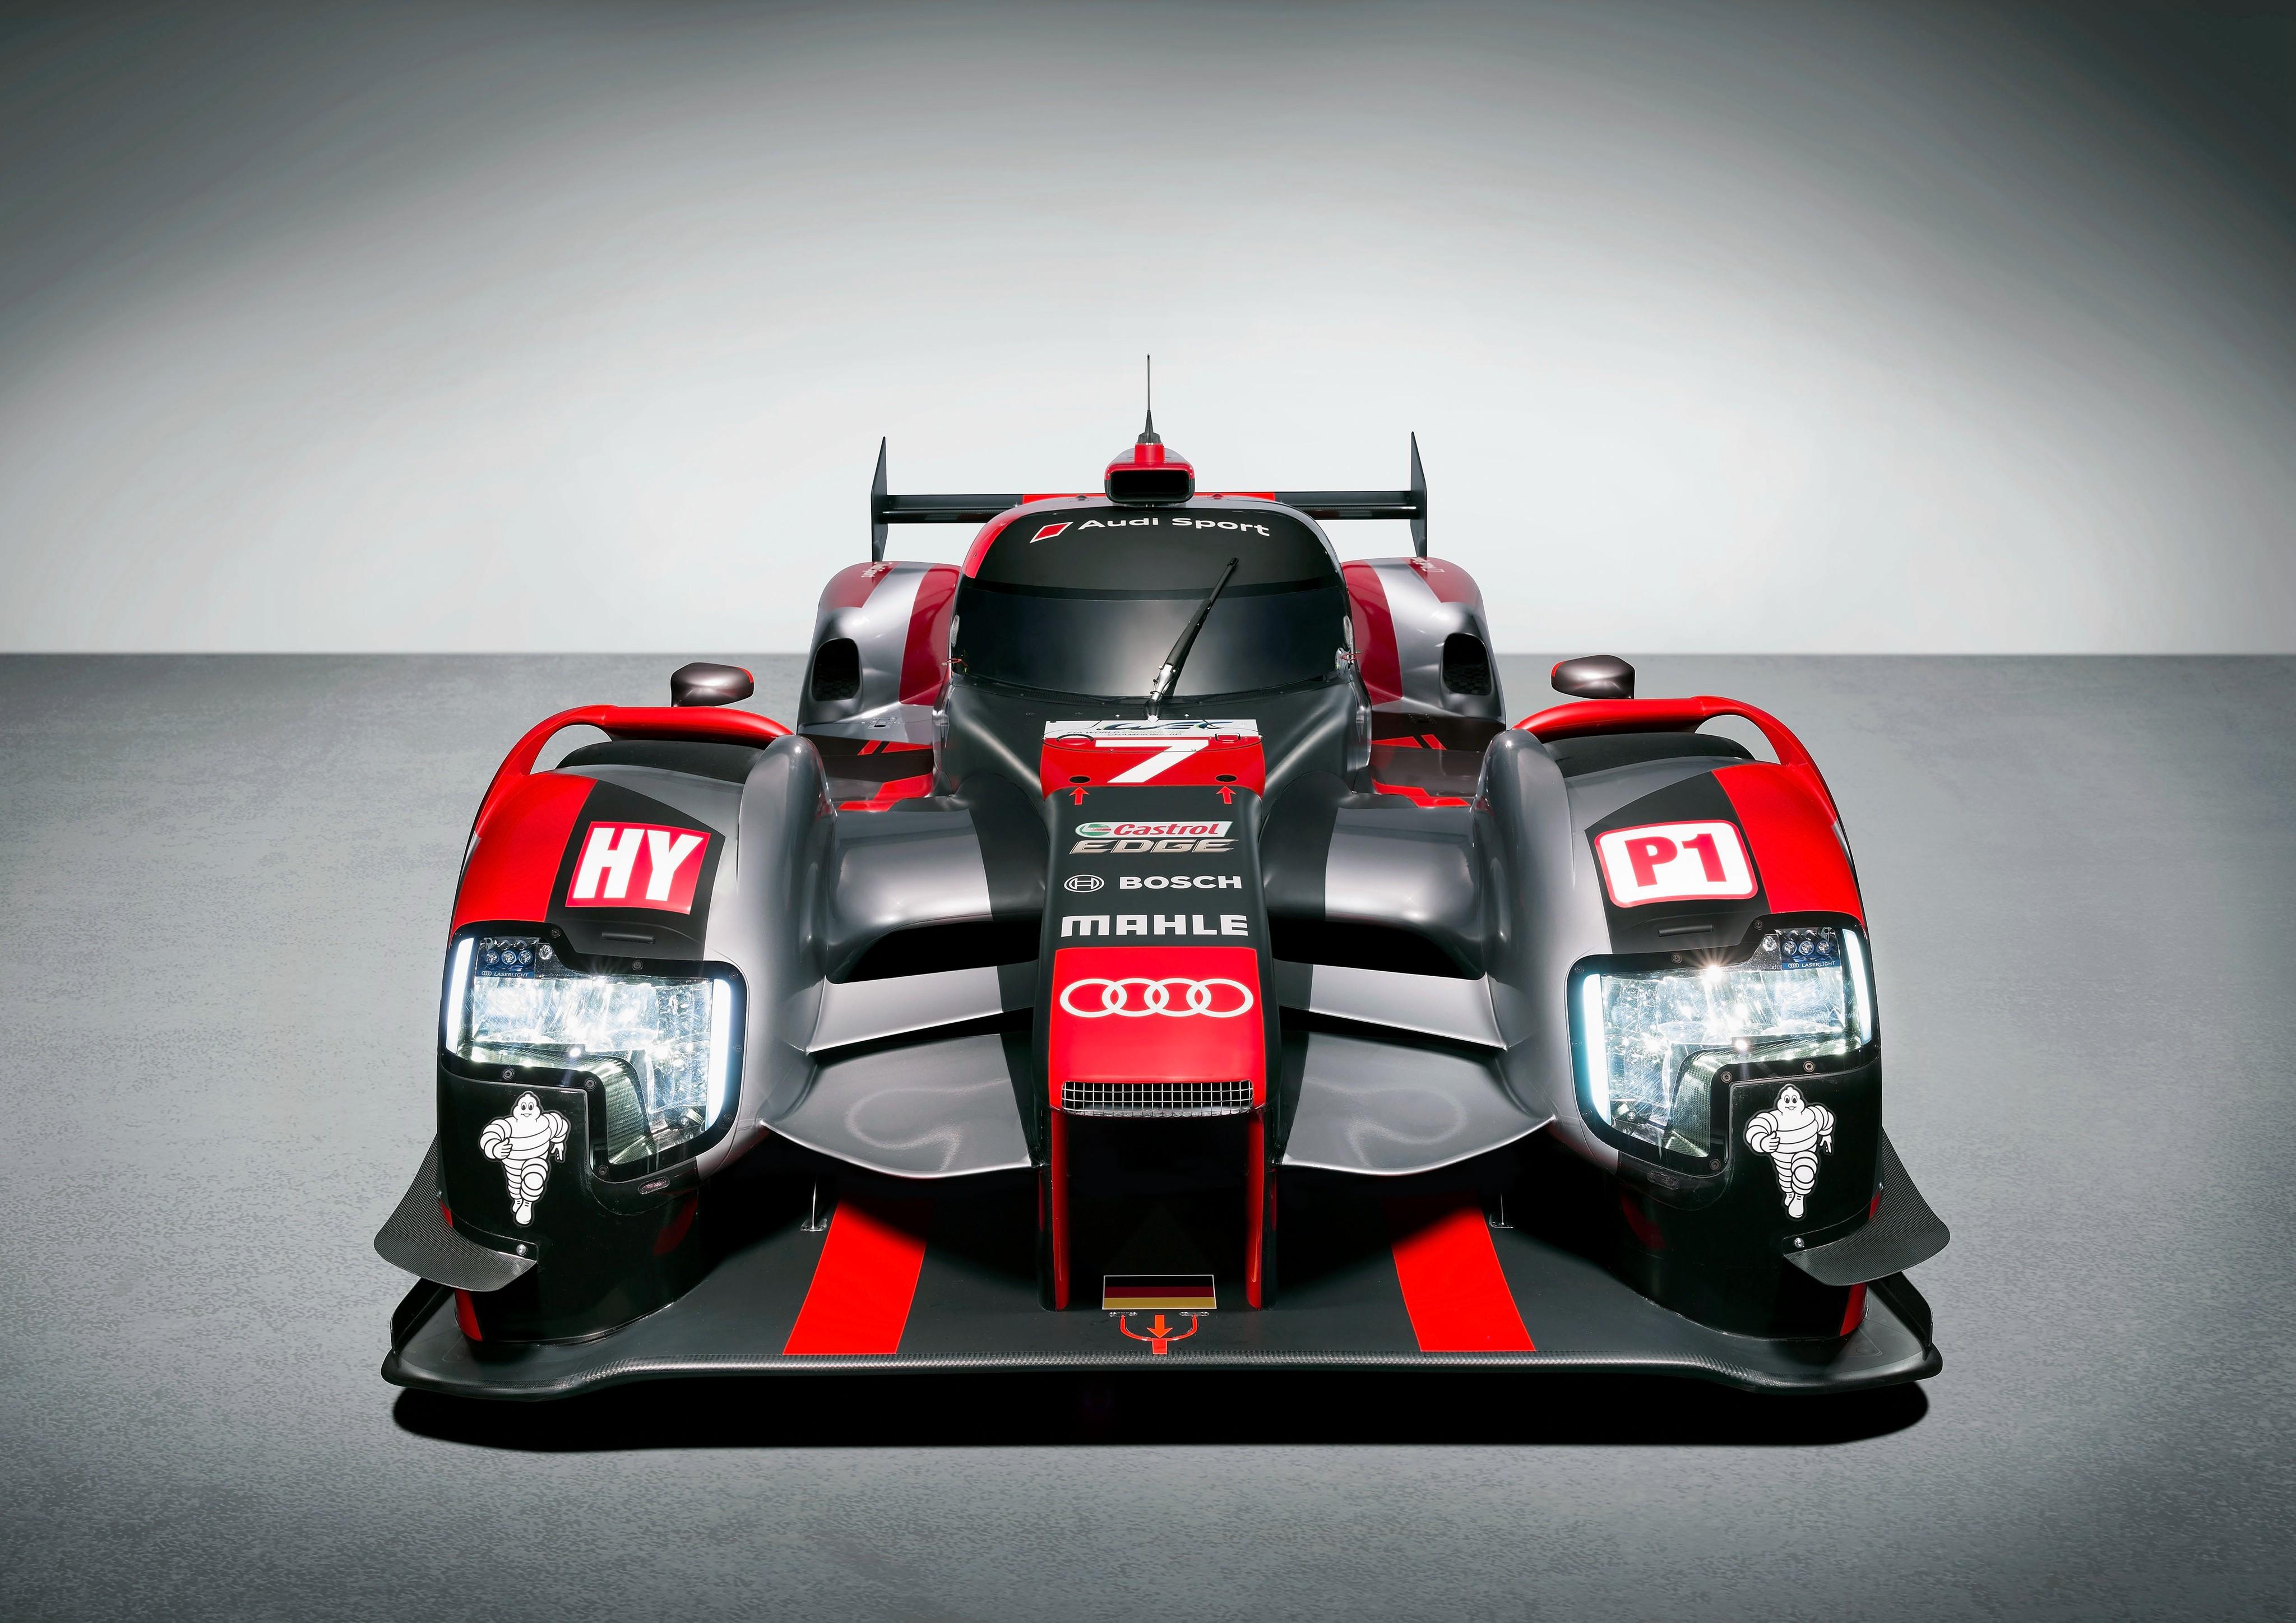 wallpaper audi r18 etron quattro lmp1 hydrid sport car